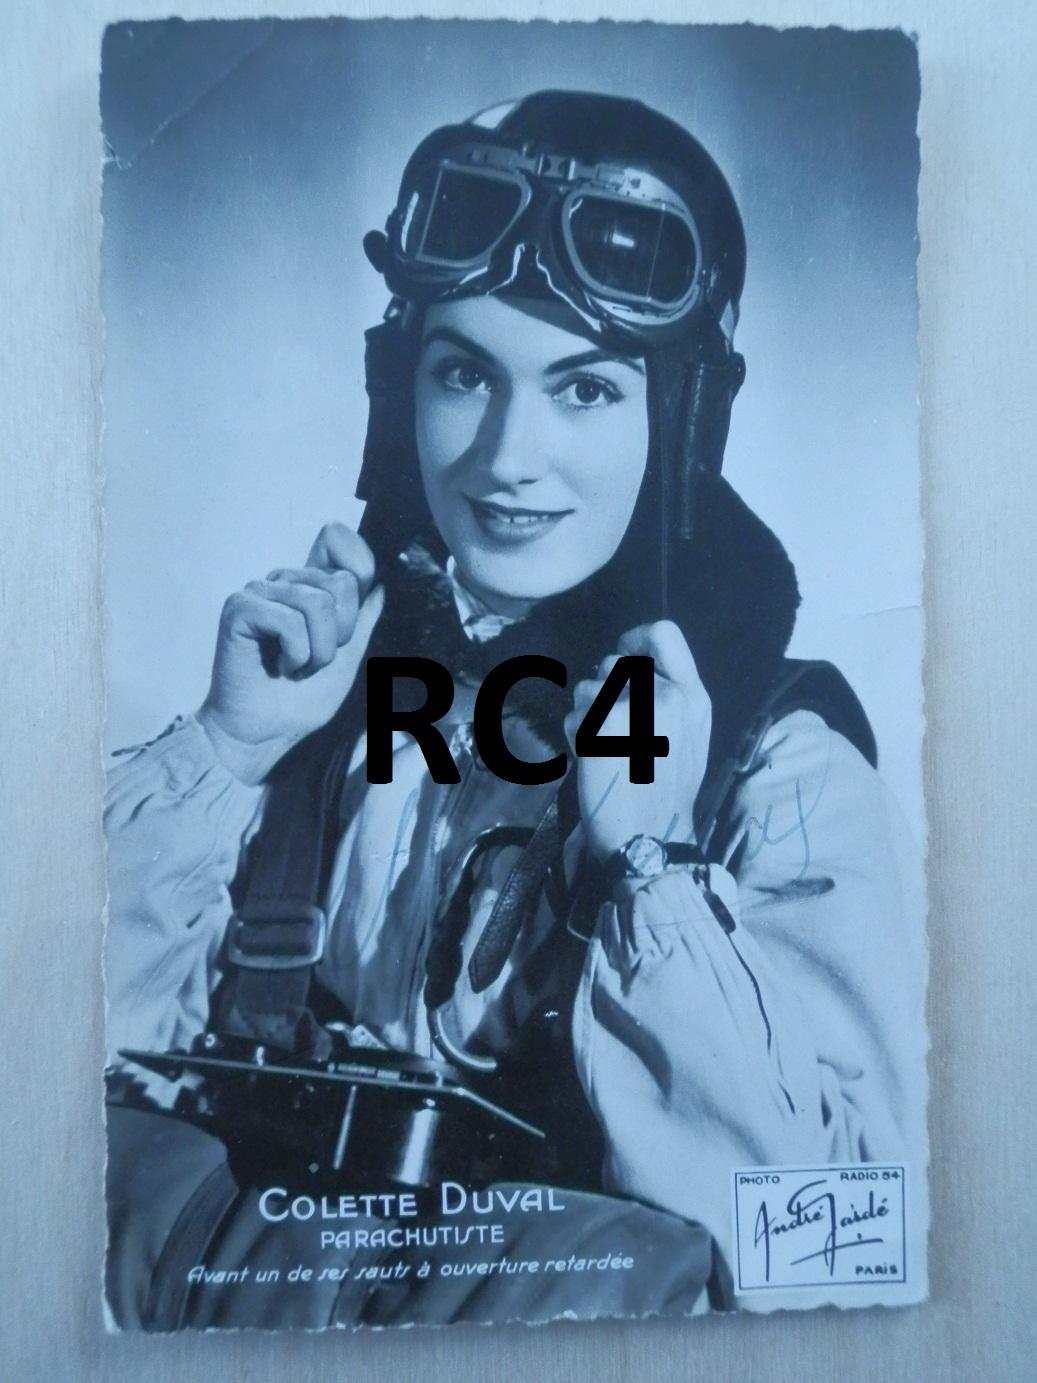 Colette Duval, histoire d'un ancien record ! 924837P7230530Copie